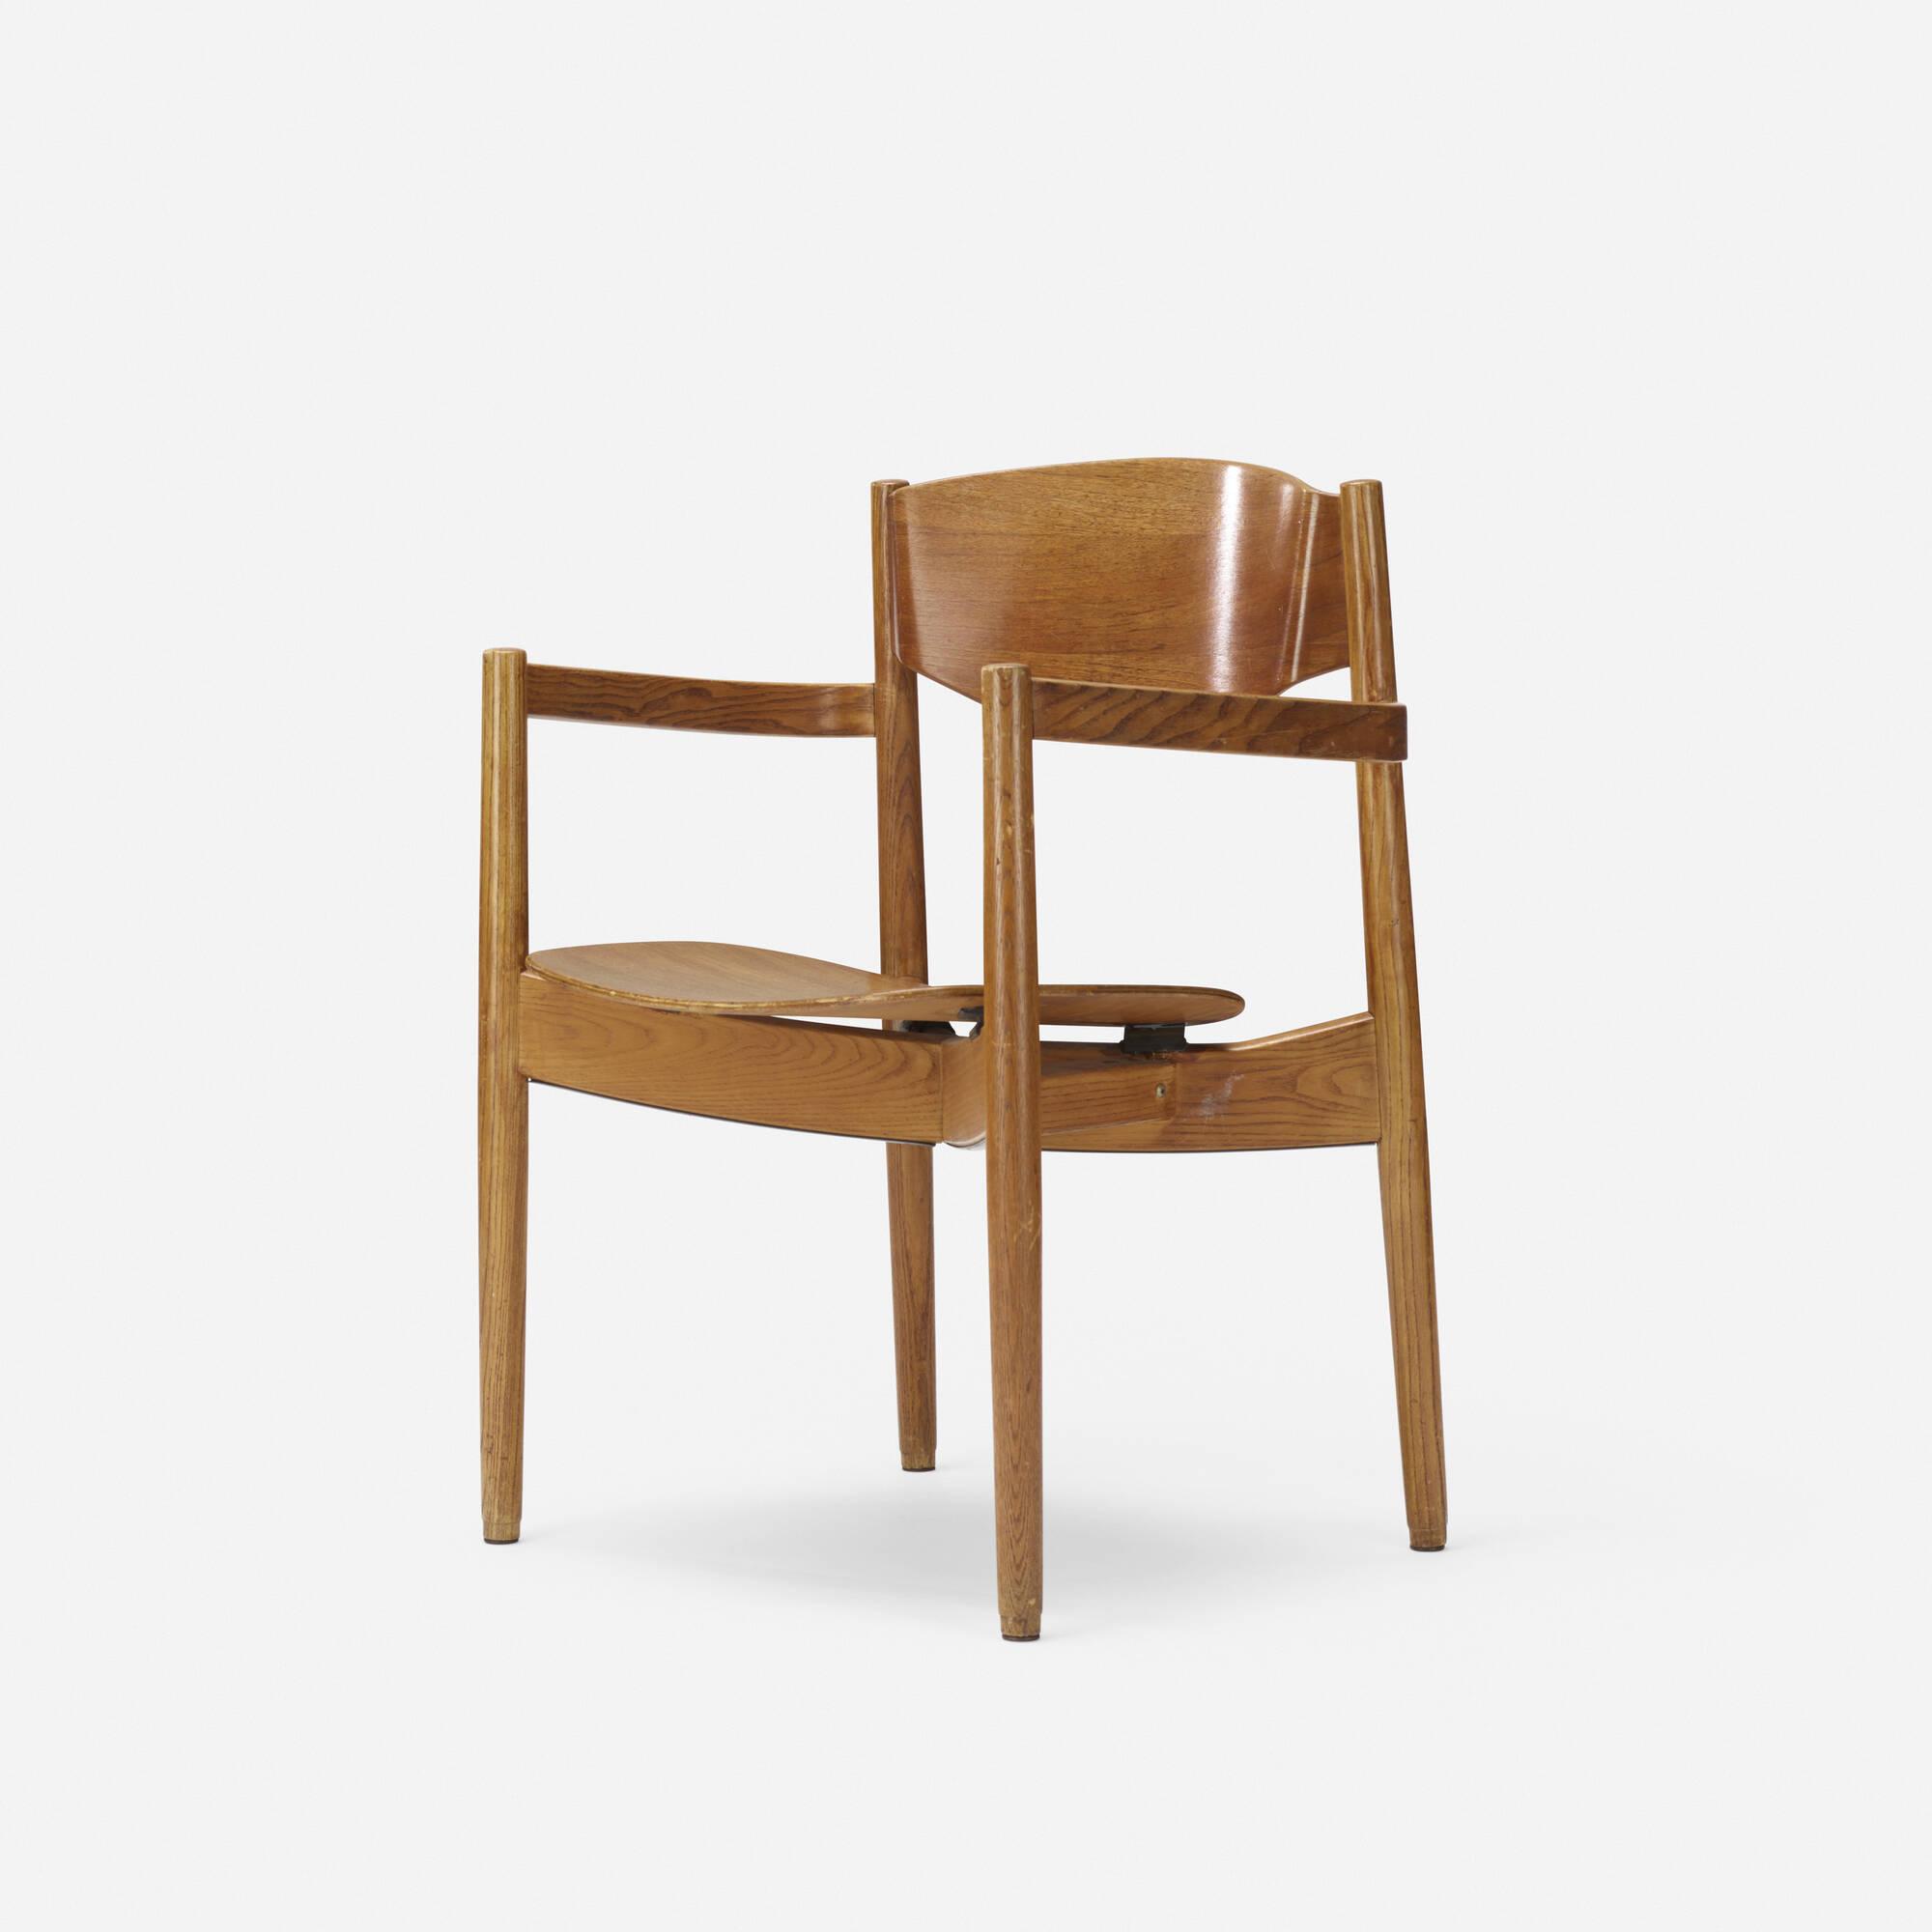 681: Jens Risom / armchair (1 of 4)